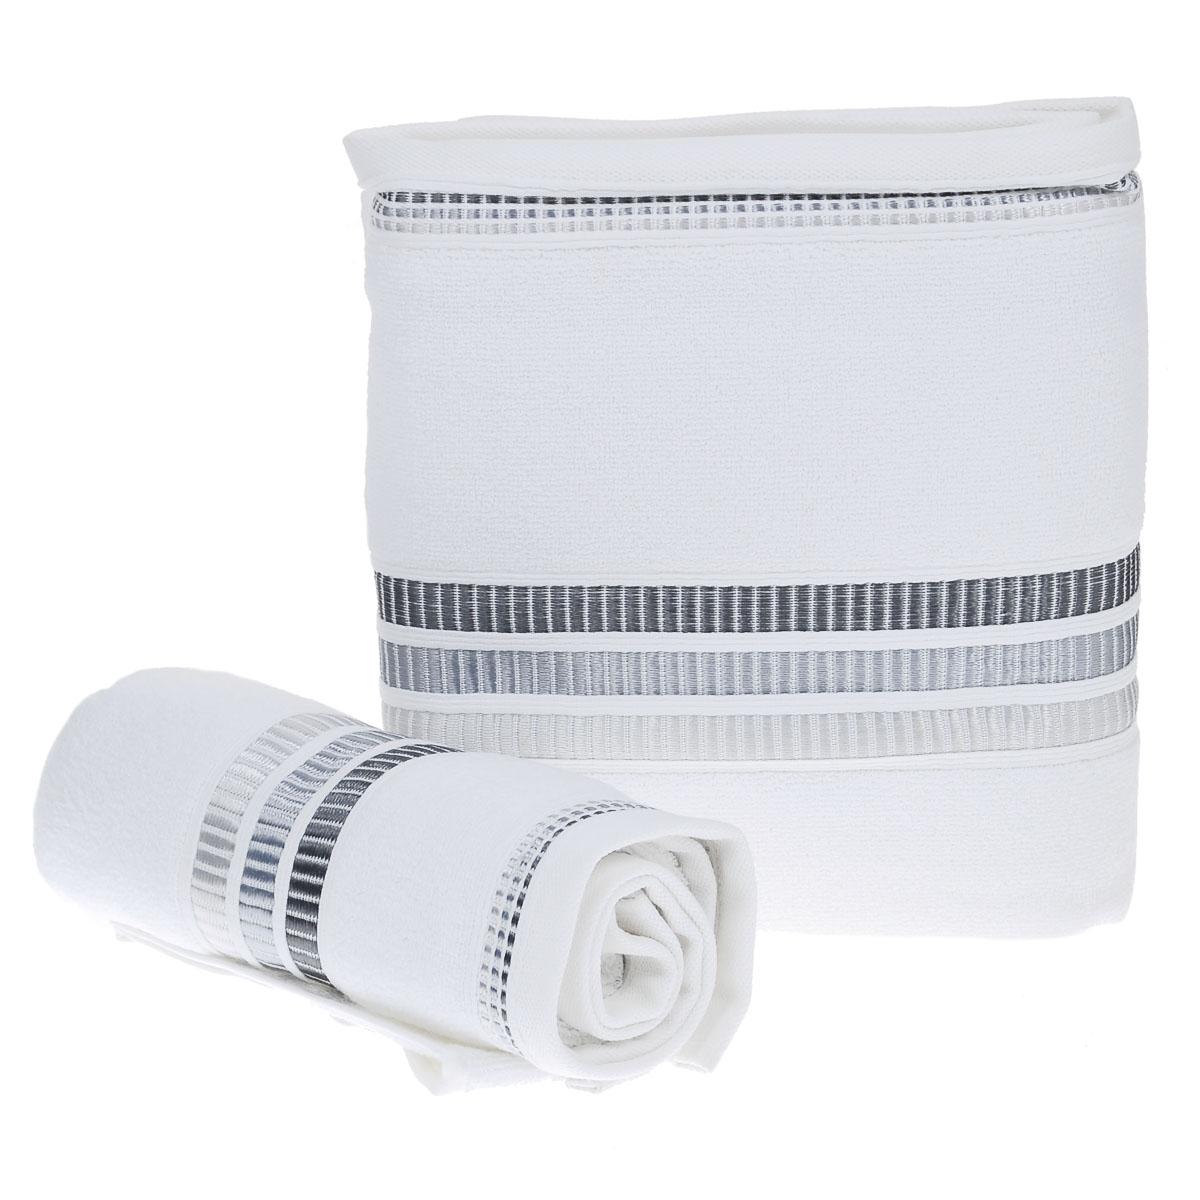 Набор махровых полотенец Coronet Пиано, цвет: белый, 2 шт. Б-МП-2020-15-01-кБ-МП-2020-15-01-кПодарочный набор Coronet Пиано состоит из двух полотенец разного размера, выполненных из натуральной махровой ткани. Полотенца украшены изящным декоративным тиснением. Мягкие и уютные, они прекрасно впитывают влагу и легко стираются. Такой набор подарит вам мягкость и необыкновенный комфорт в использовании. Благодаря высокому качеству изготовления, полотенце будет радовать многие годы. Полотенца упакованы в подарочную коробку и станут приятным и полезным подарком вашим друзьям и близким. Комплектация: 2 шт. Размер полотенец: 100 см x 150 см, 50 см x 90 см. Плотность полотенец 550 г/м.